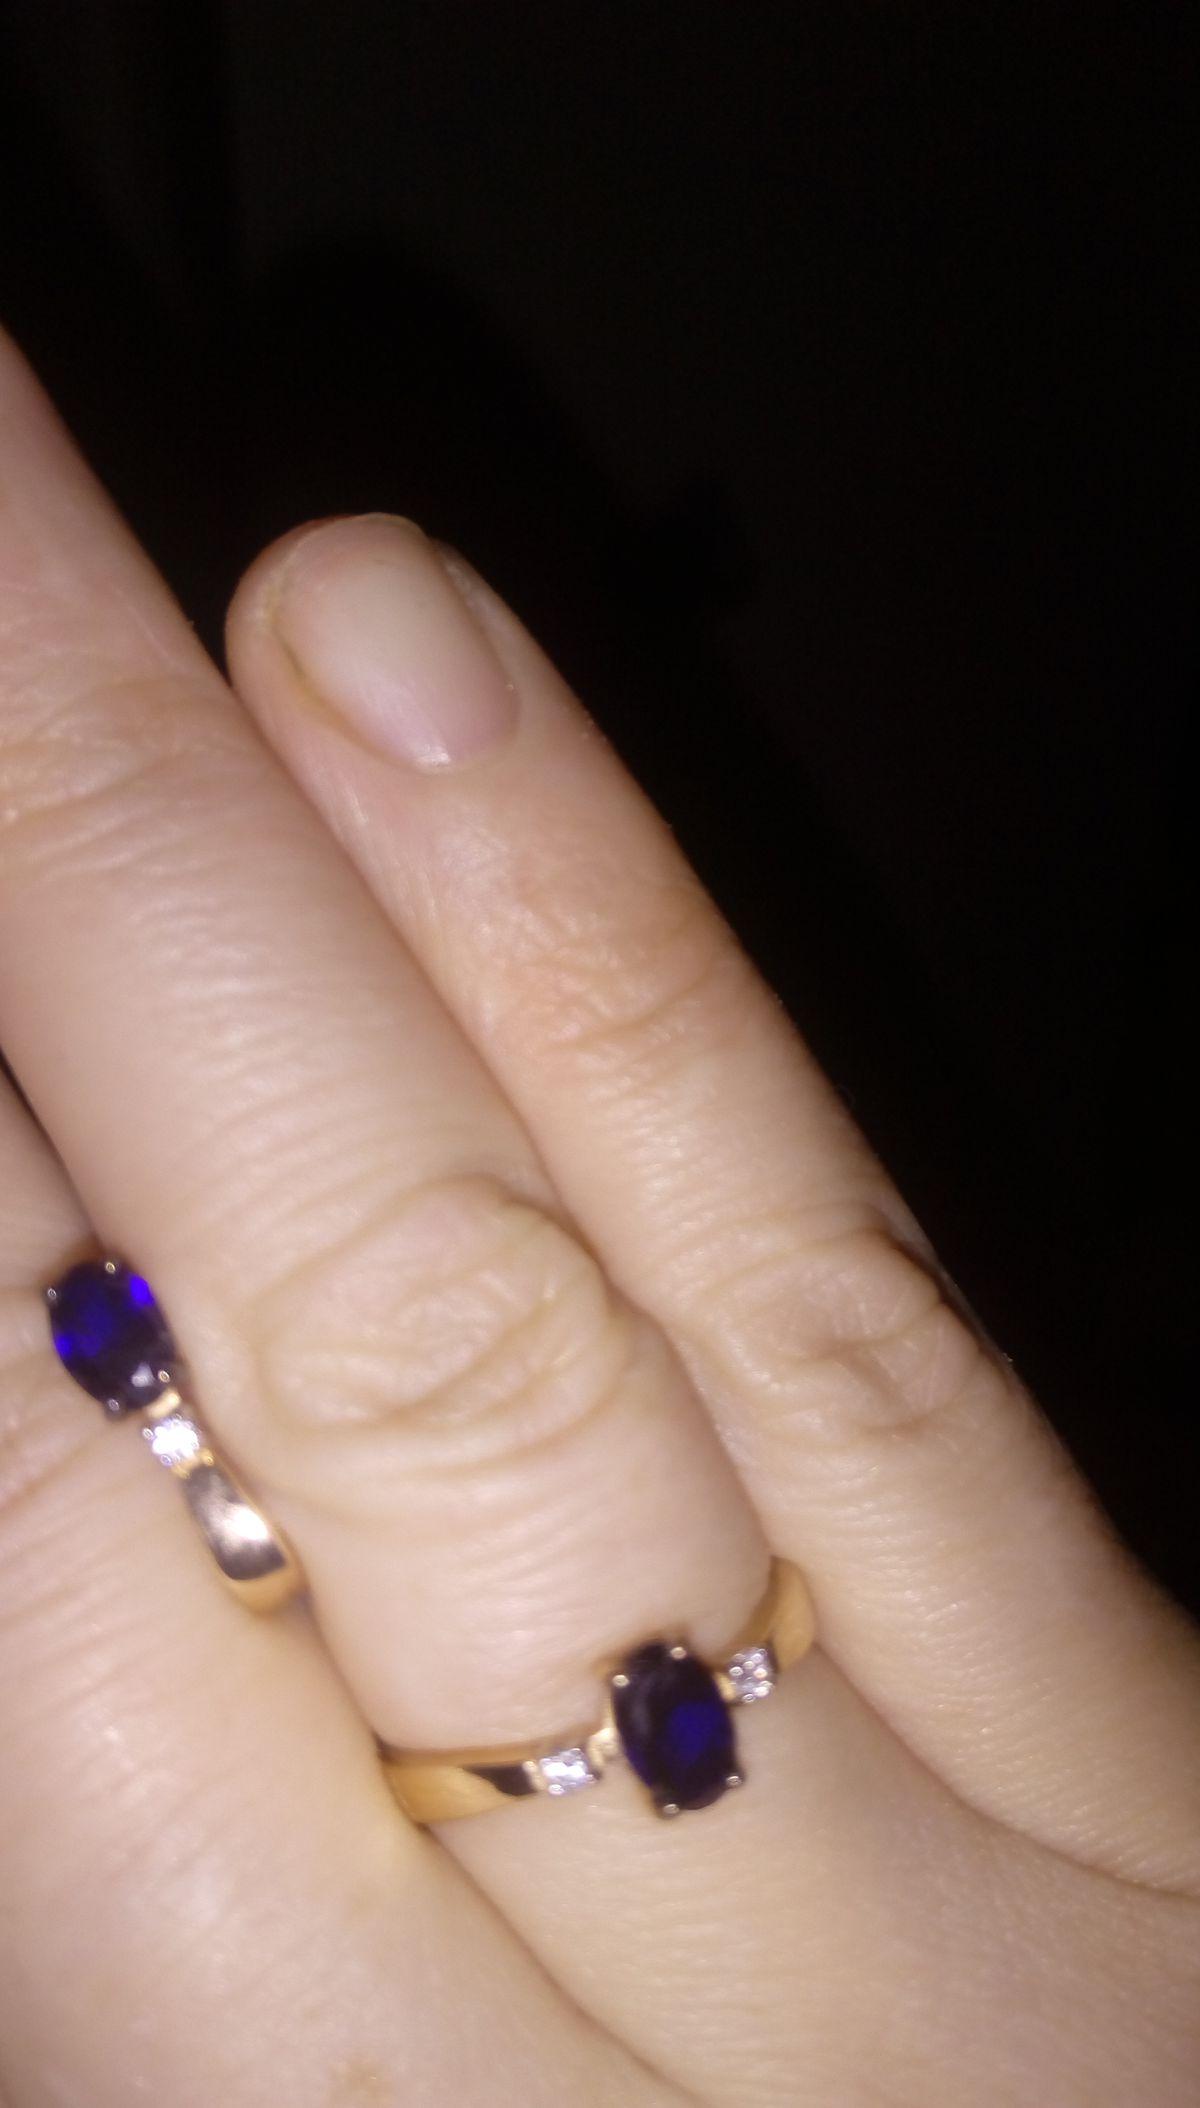 Сапфировое колечко самое любимое в моей ювелирной шкатулке